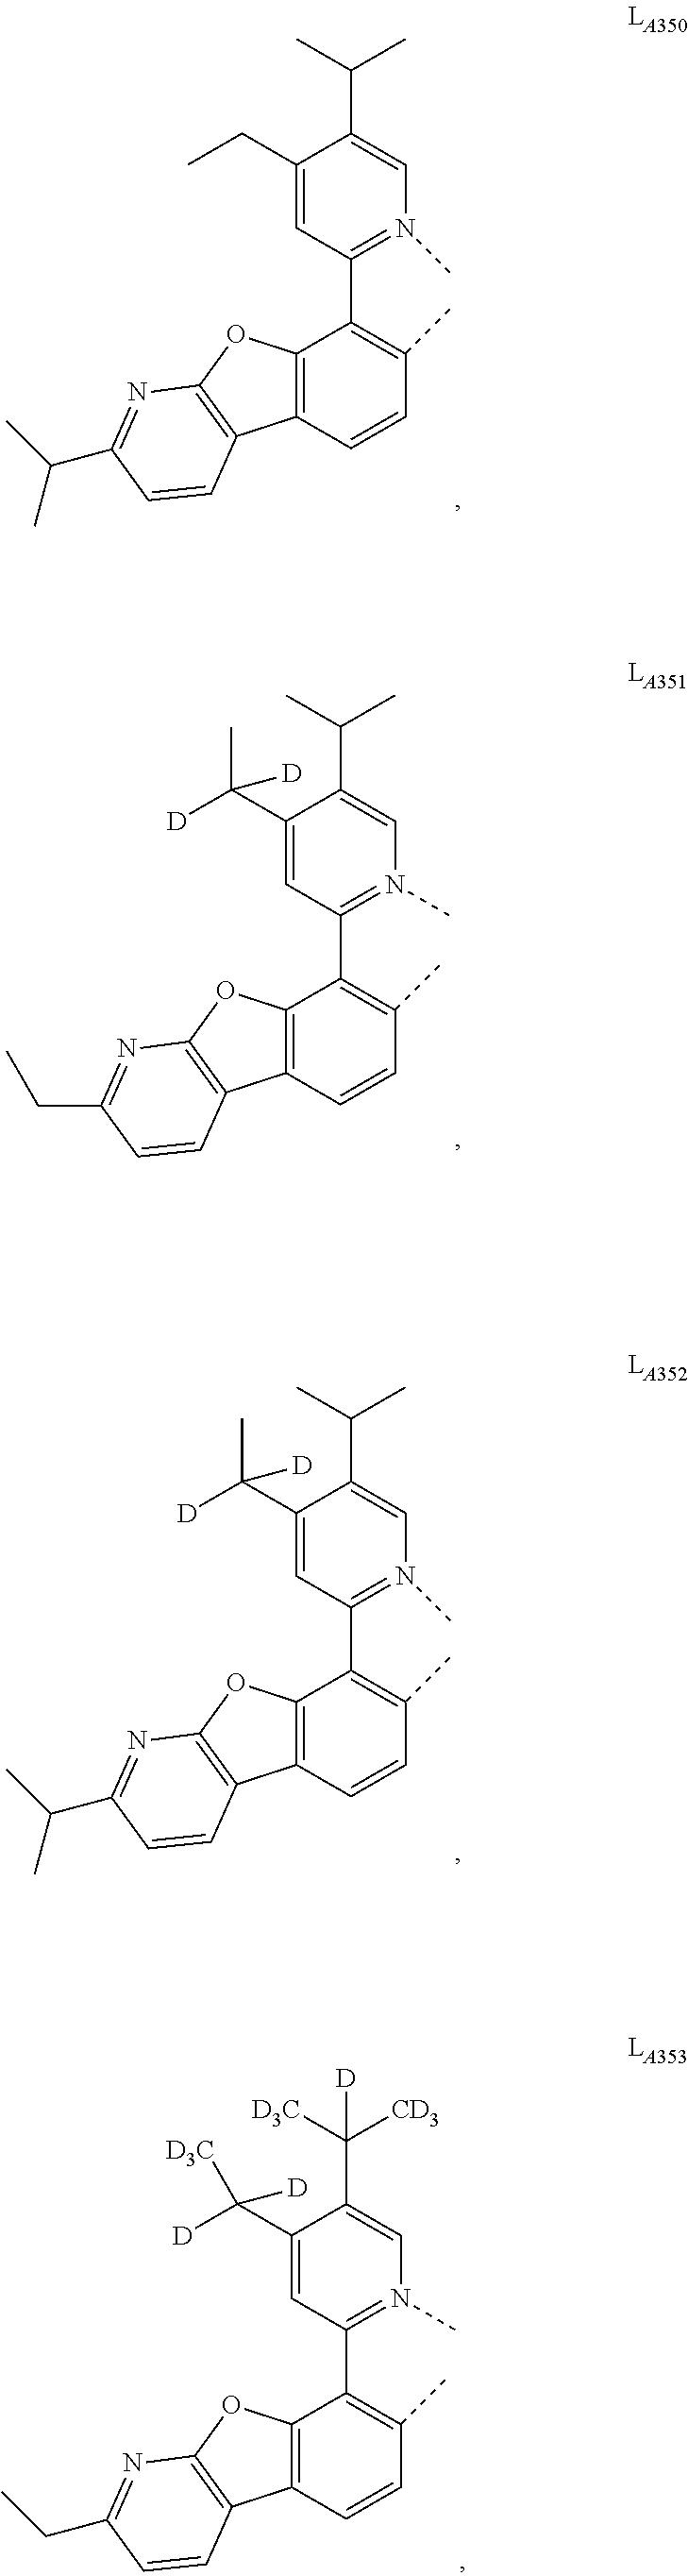 Figure US20160049599A1-20160218-C00092